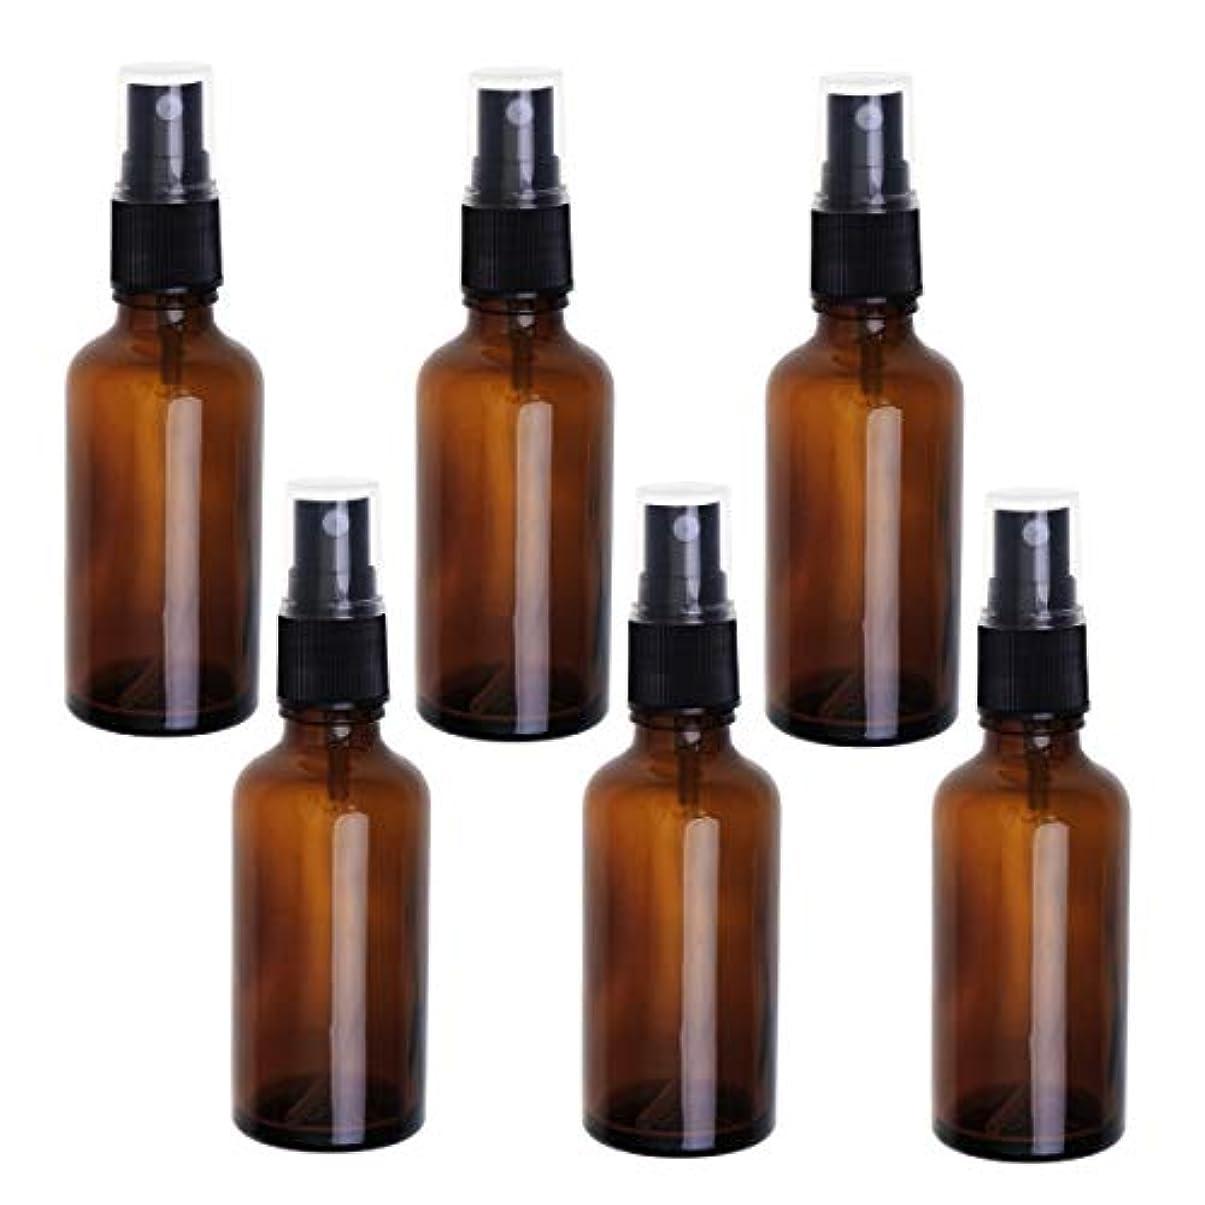 Frcolor スプレーボトル 遮光瓶 霧吹き 遮光スプレー 詰替ボトル アロマスプレー 容器 ガラス 100ml 茶色 6本セット